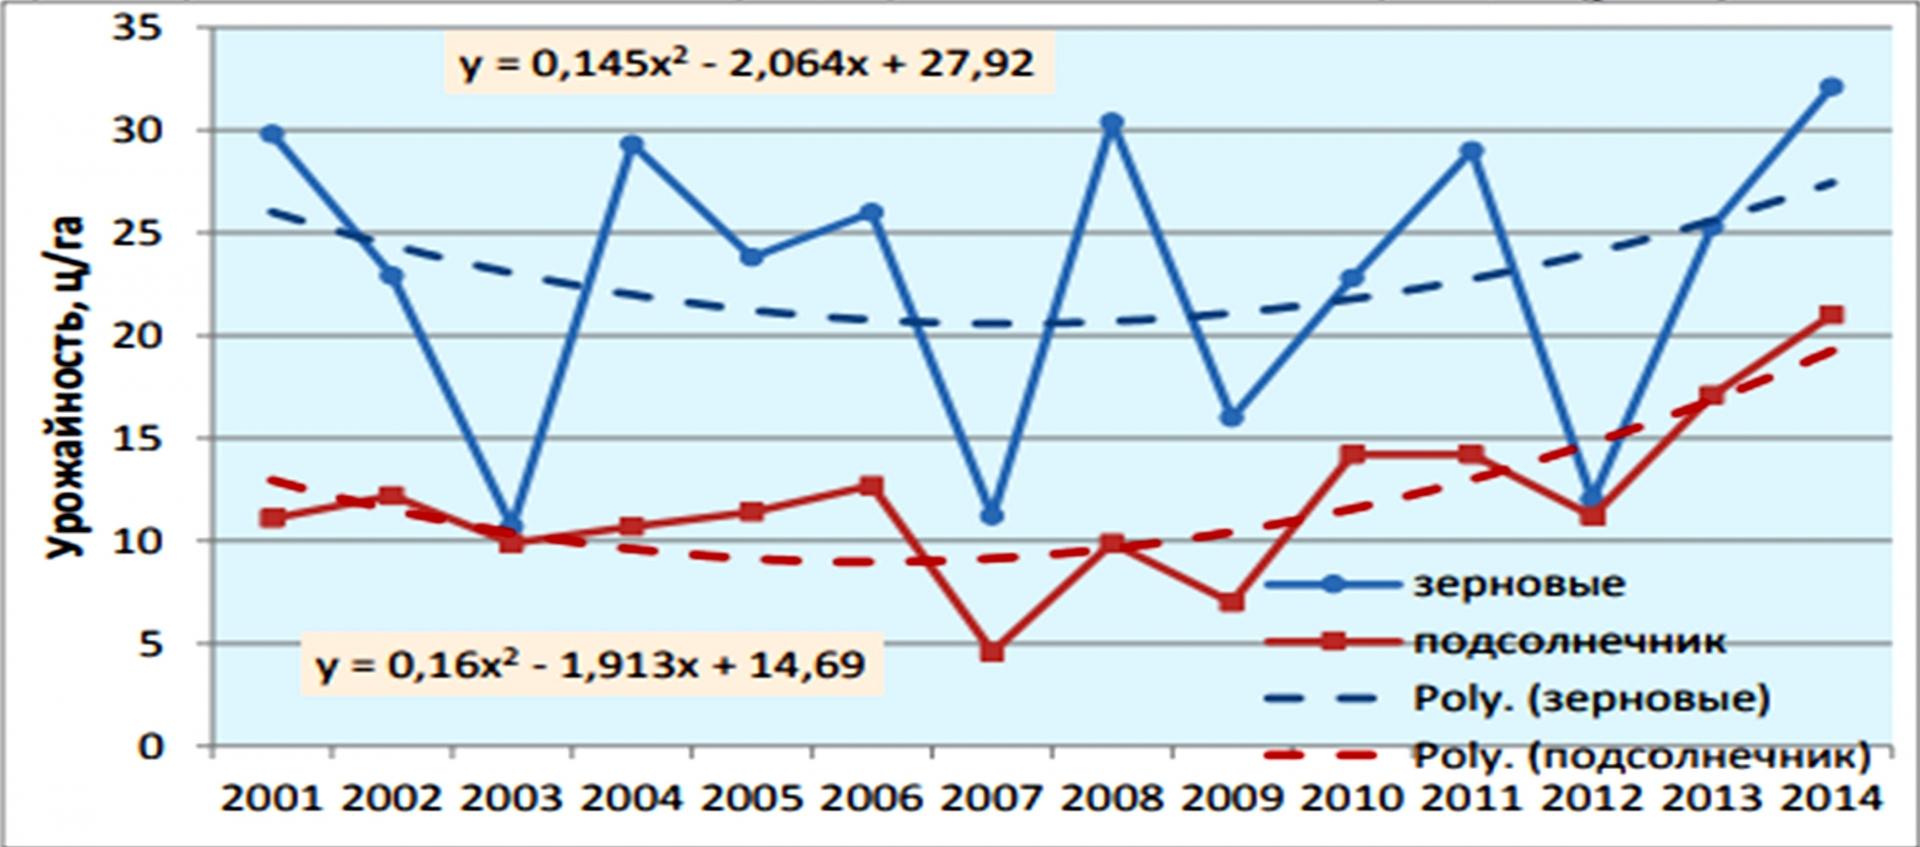 Рис. 3. Динамика урожайности зерновых культур и подсолнечника в Измаильском районе за 2001–2014 гг